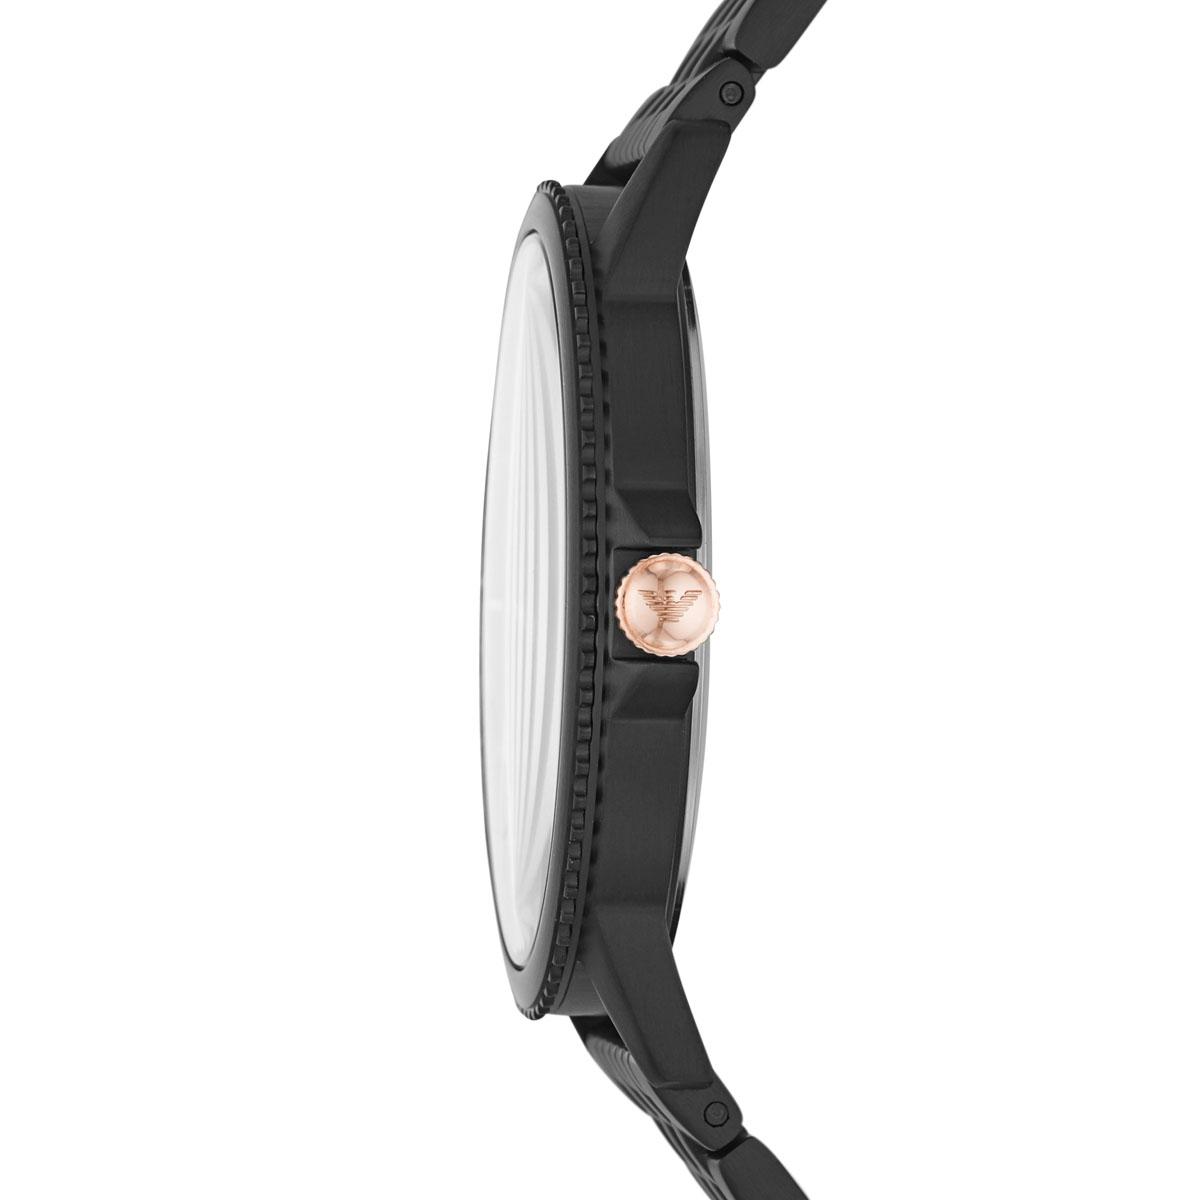 エンポリオアルマーニ EMPORIO ARMANI 腕時計 メンズ インターチェンジャブル INTERCHANGEABLE 【2018 新作】